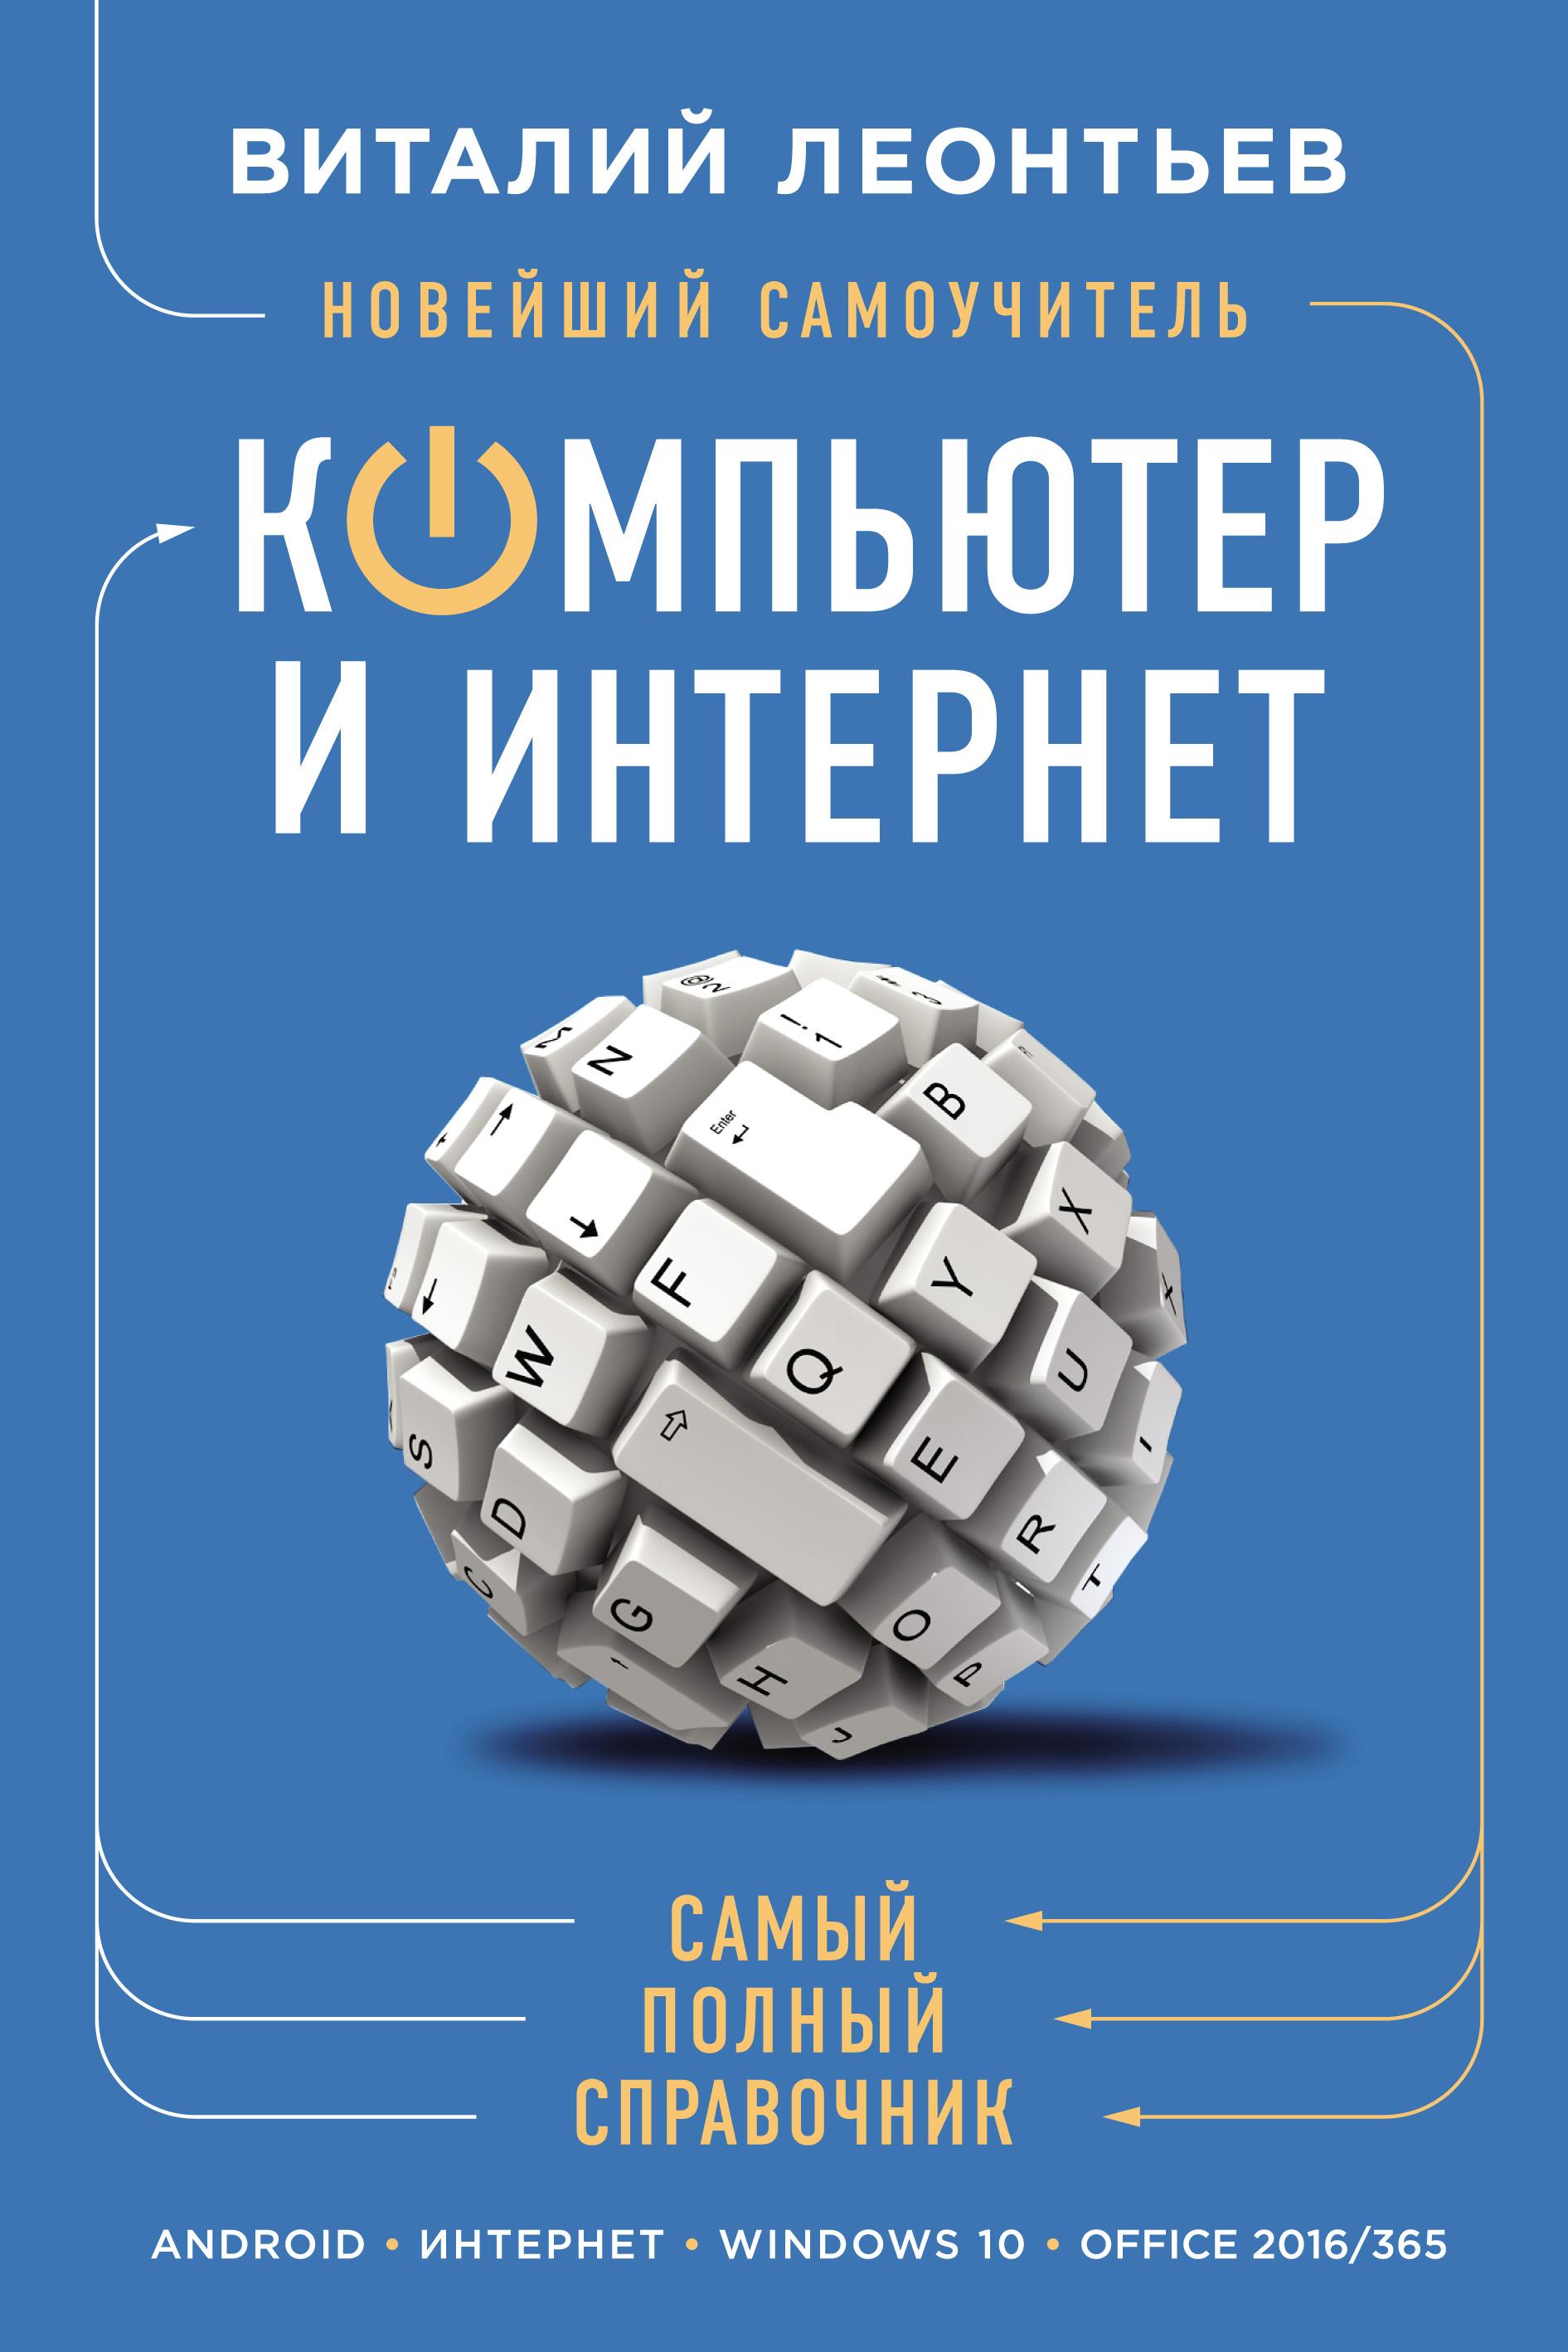 Виталий Леонтьев Новейший самоучитель. Компьютер и интернет. Самый полный справочник компьютер или ноутбук на все случаи жизни новейший самоучитель 70 бесплатных программ cd